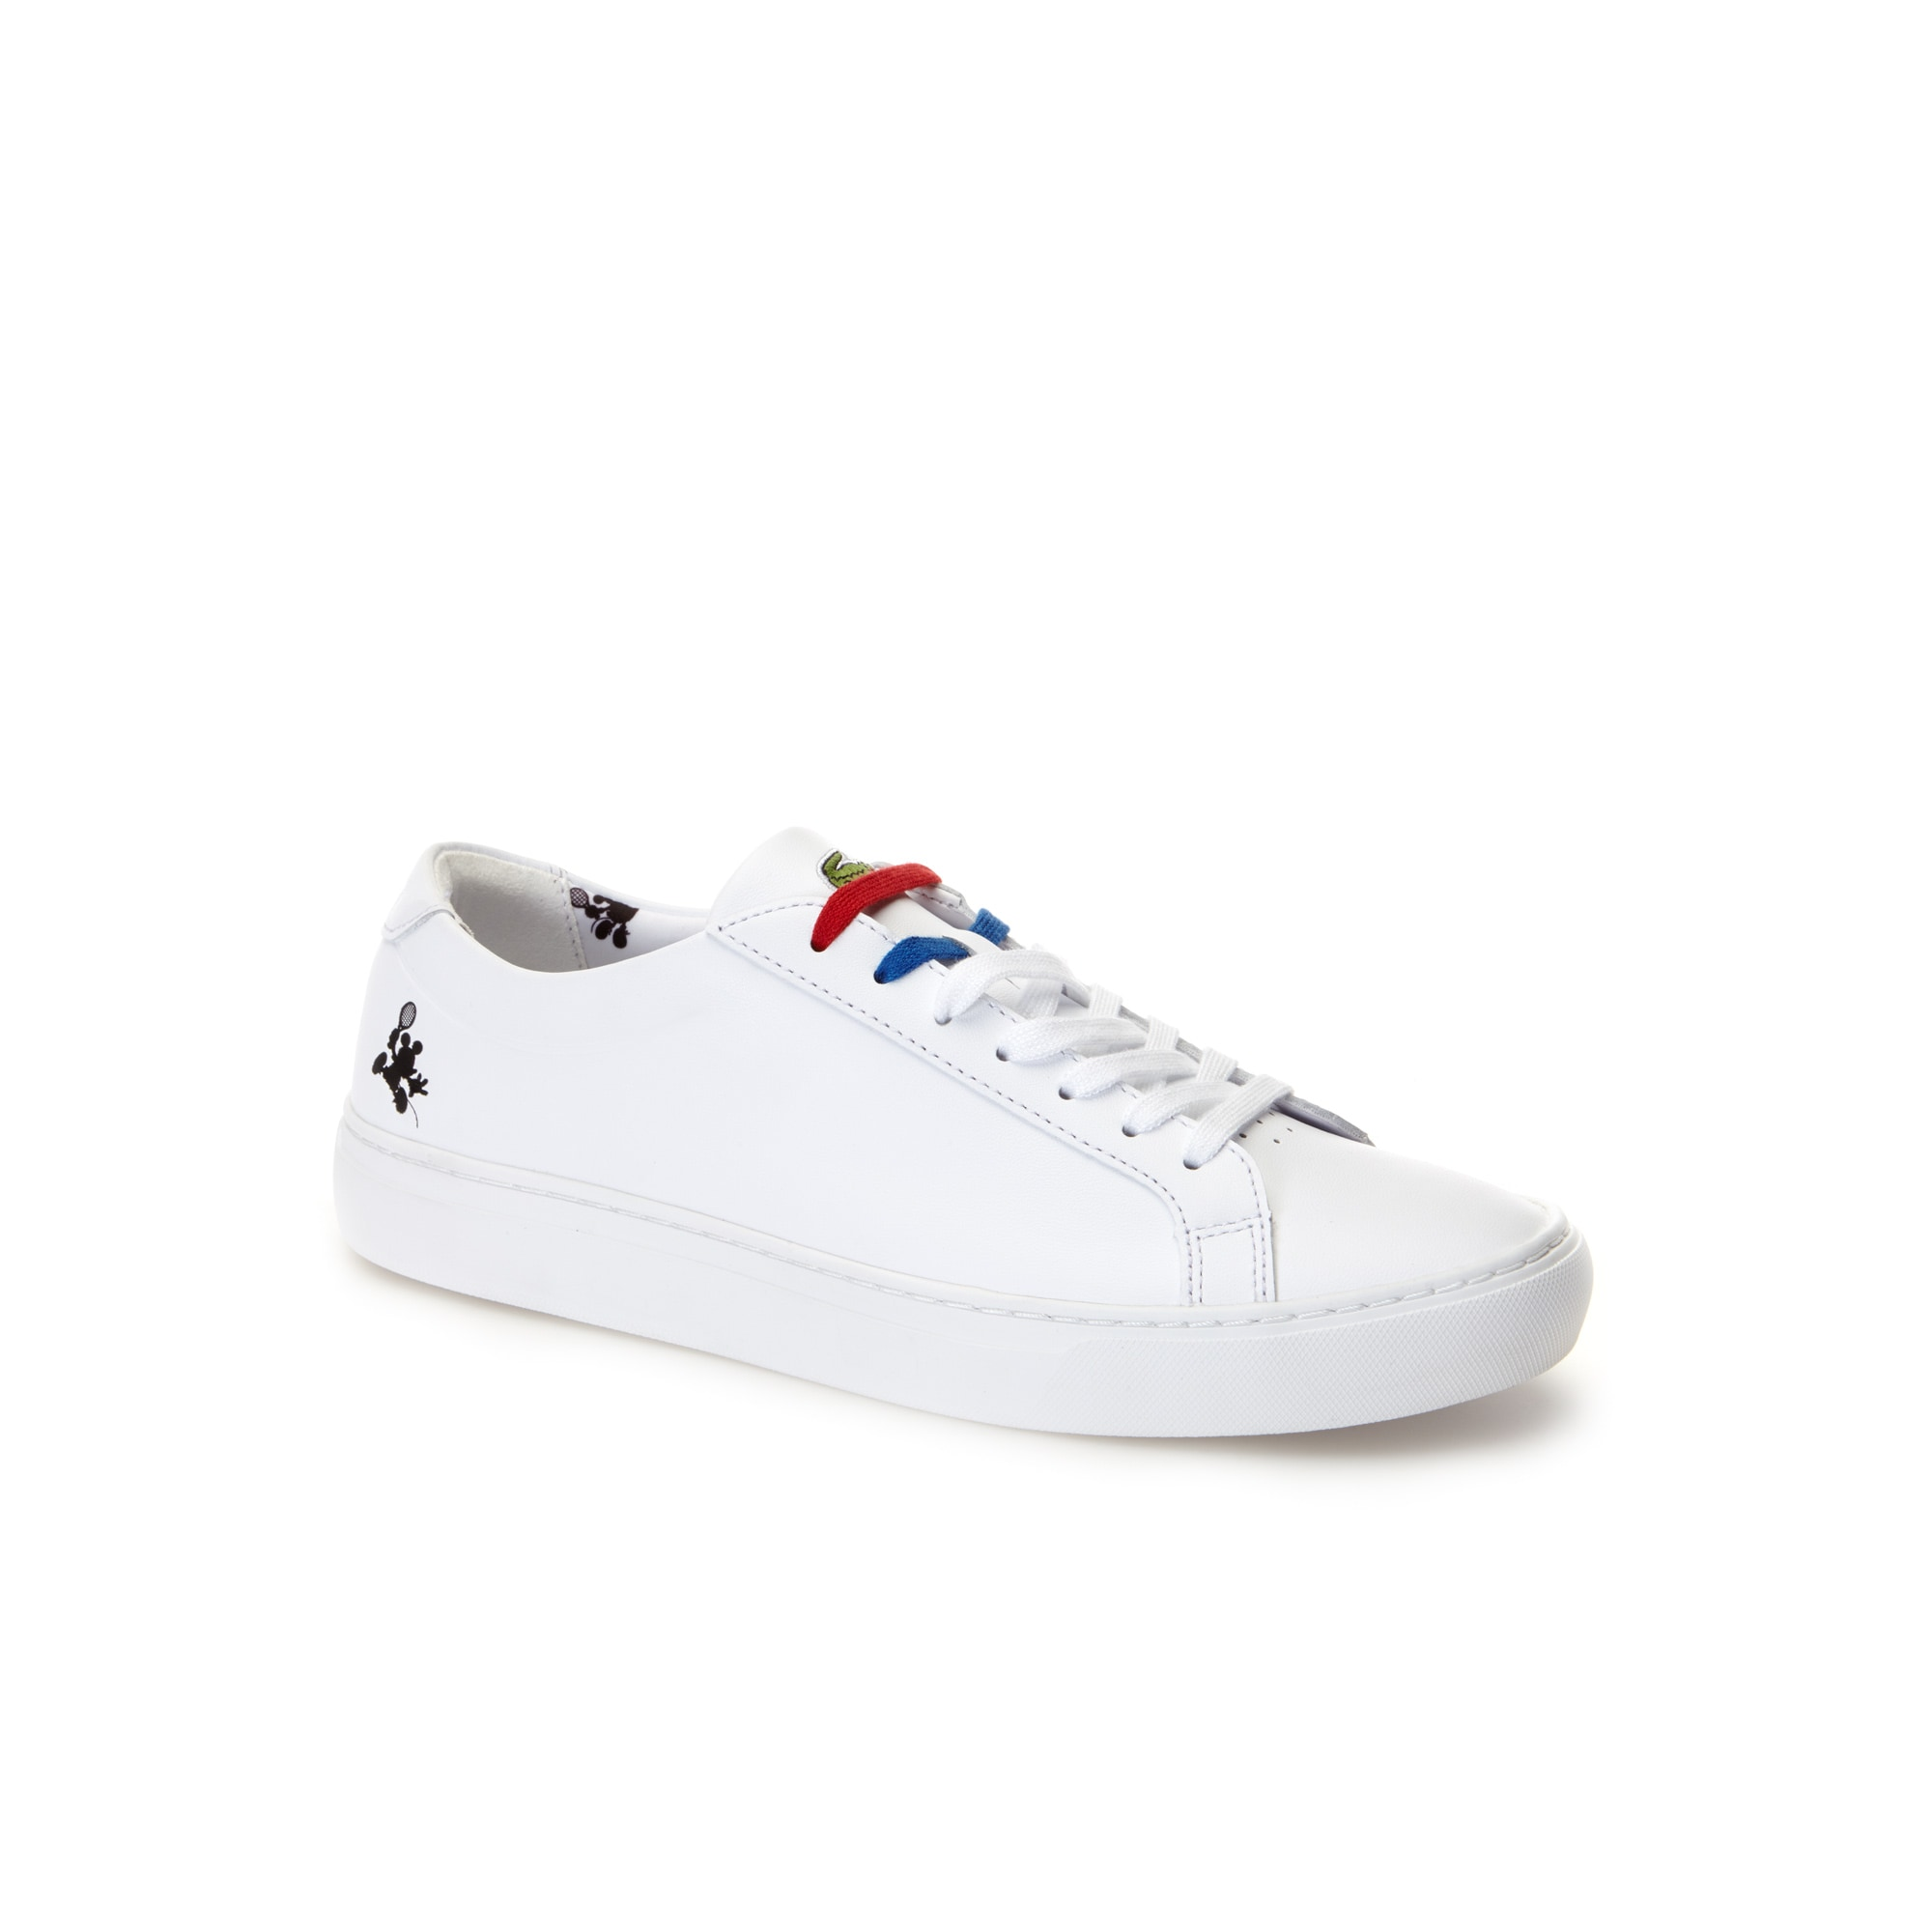 3b925982afc0e Men s Shoes   Shoes for Men   LACOSTE